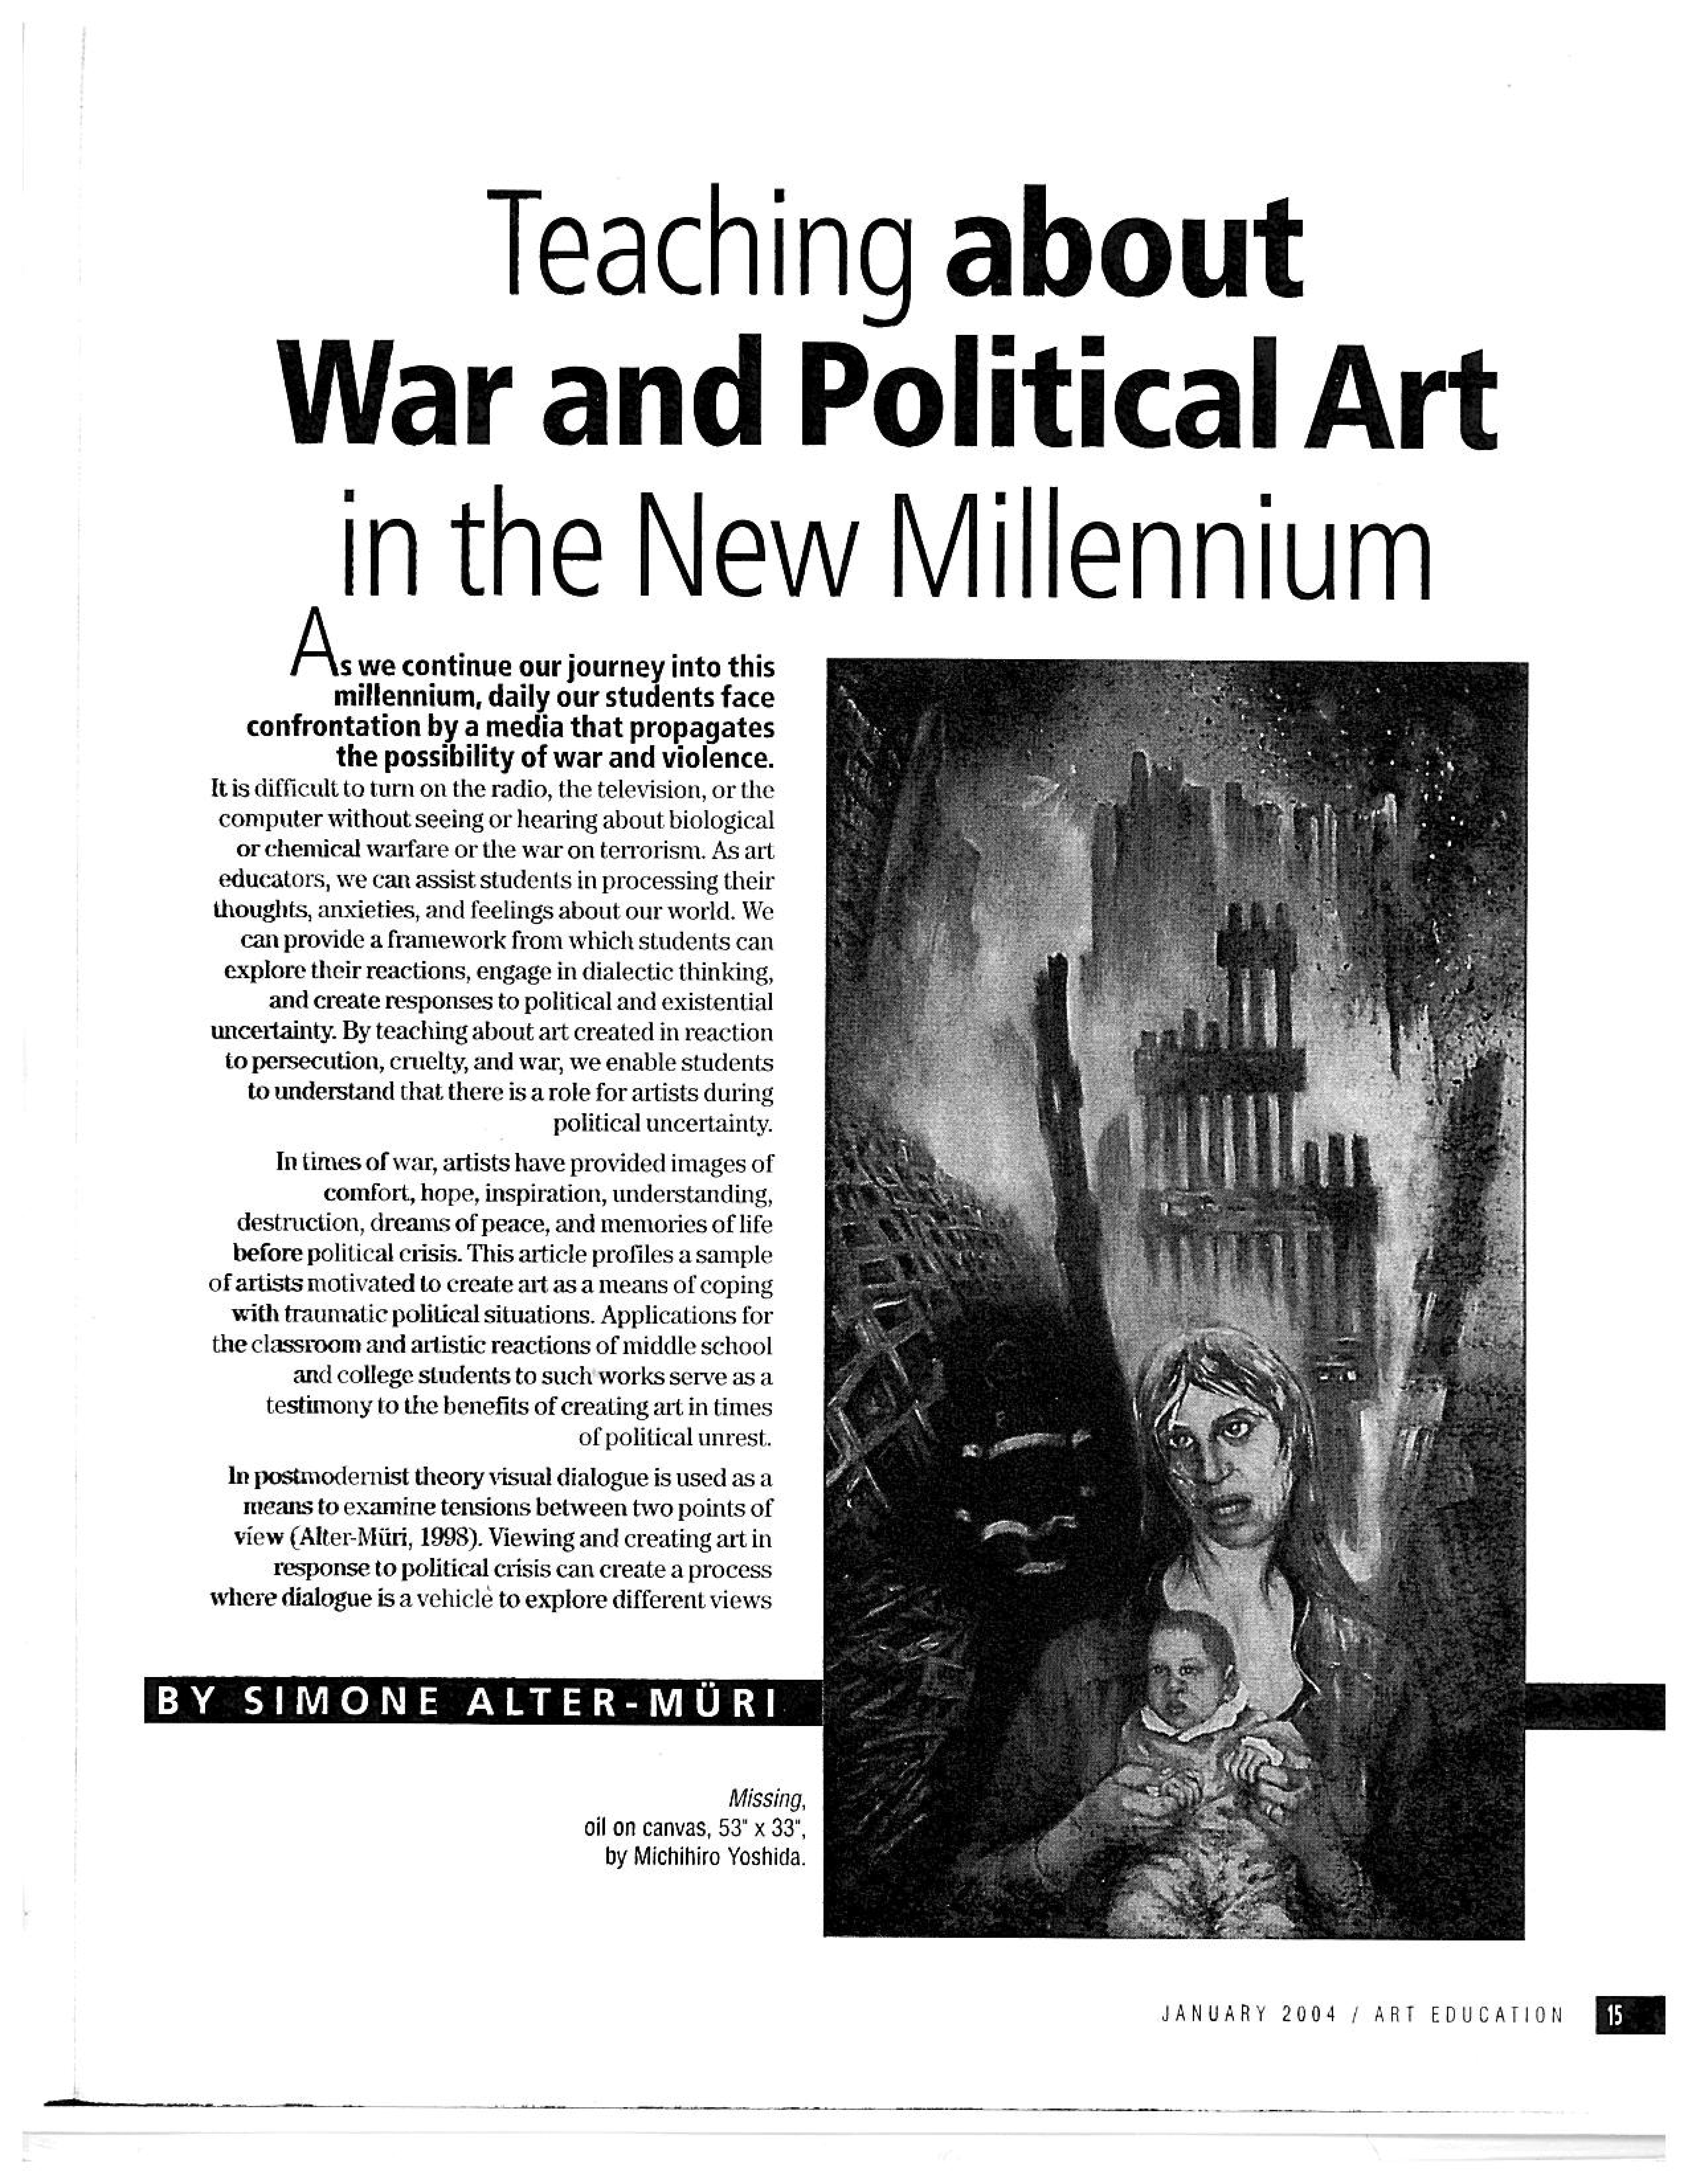 Teaching About War & Political Art